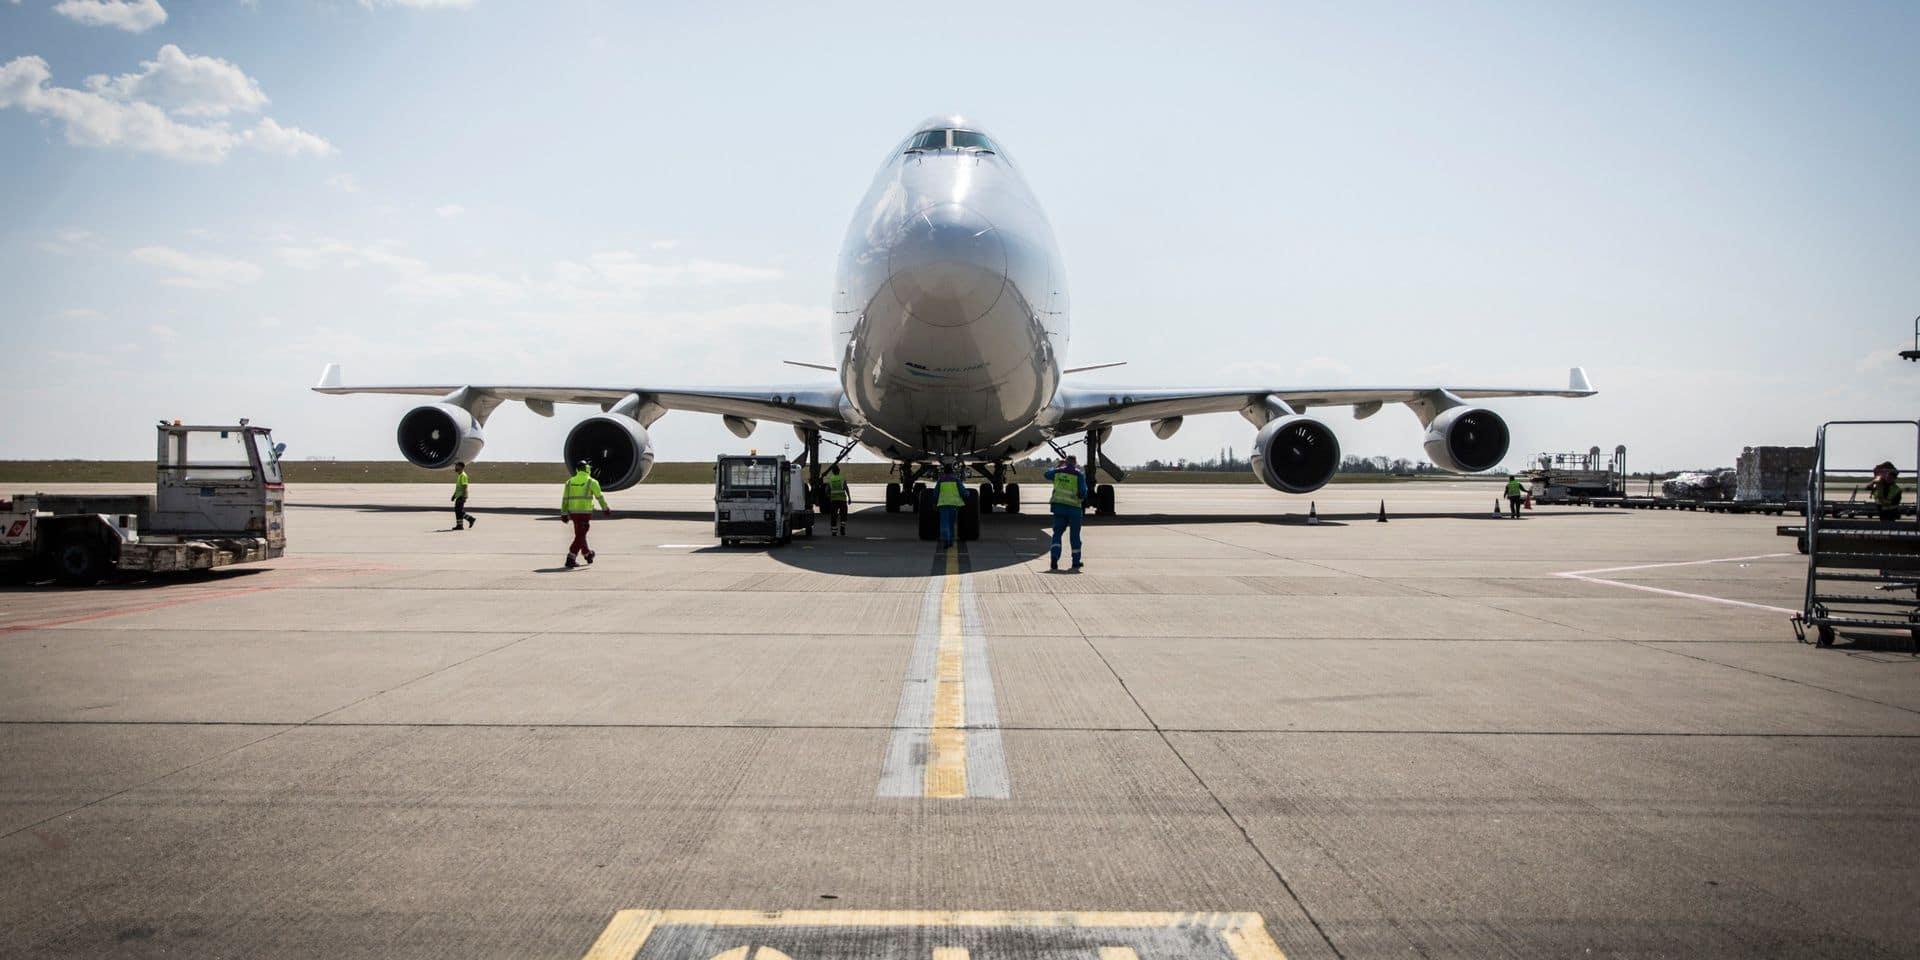 L'Union européenne interdit son espace aérien aux compagnies du Bélarus